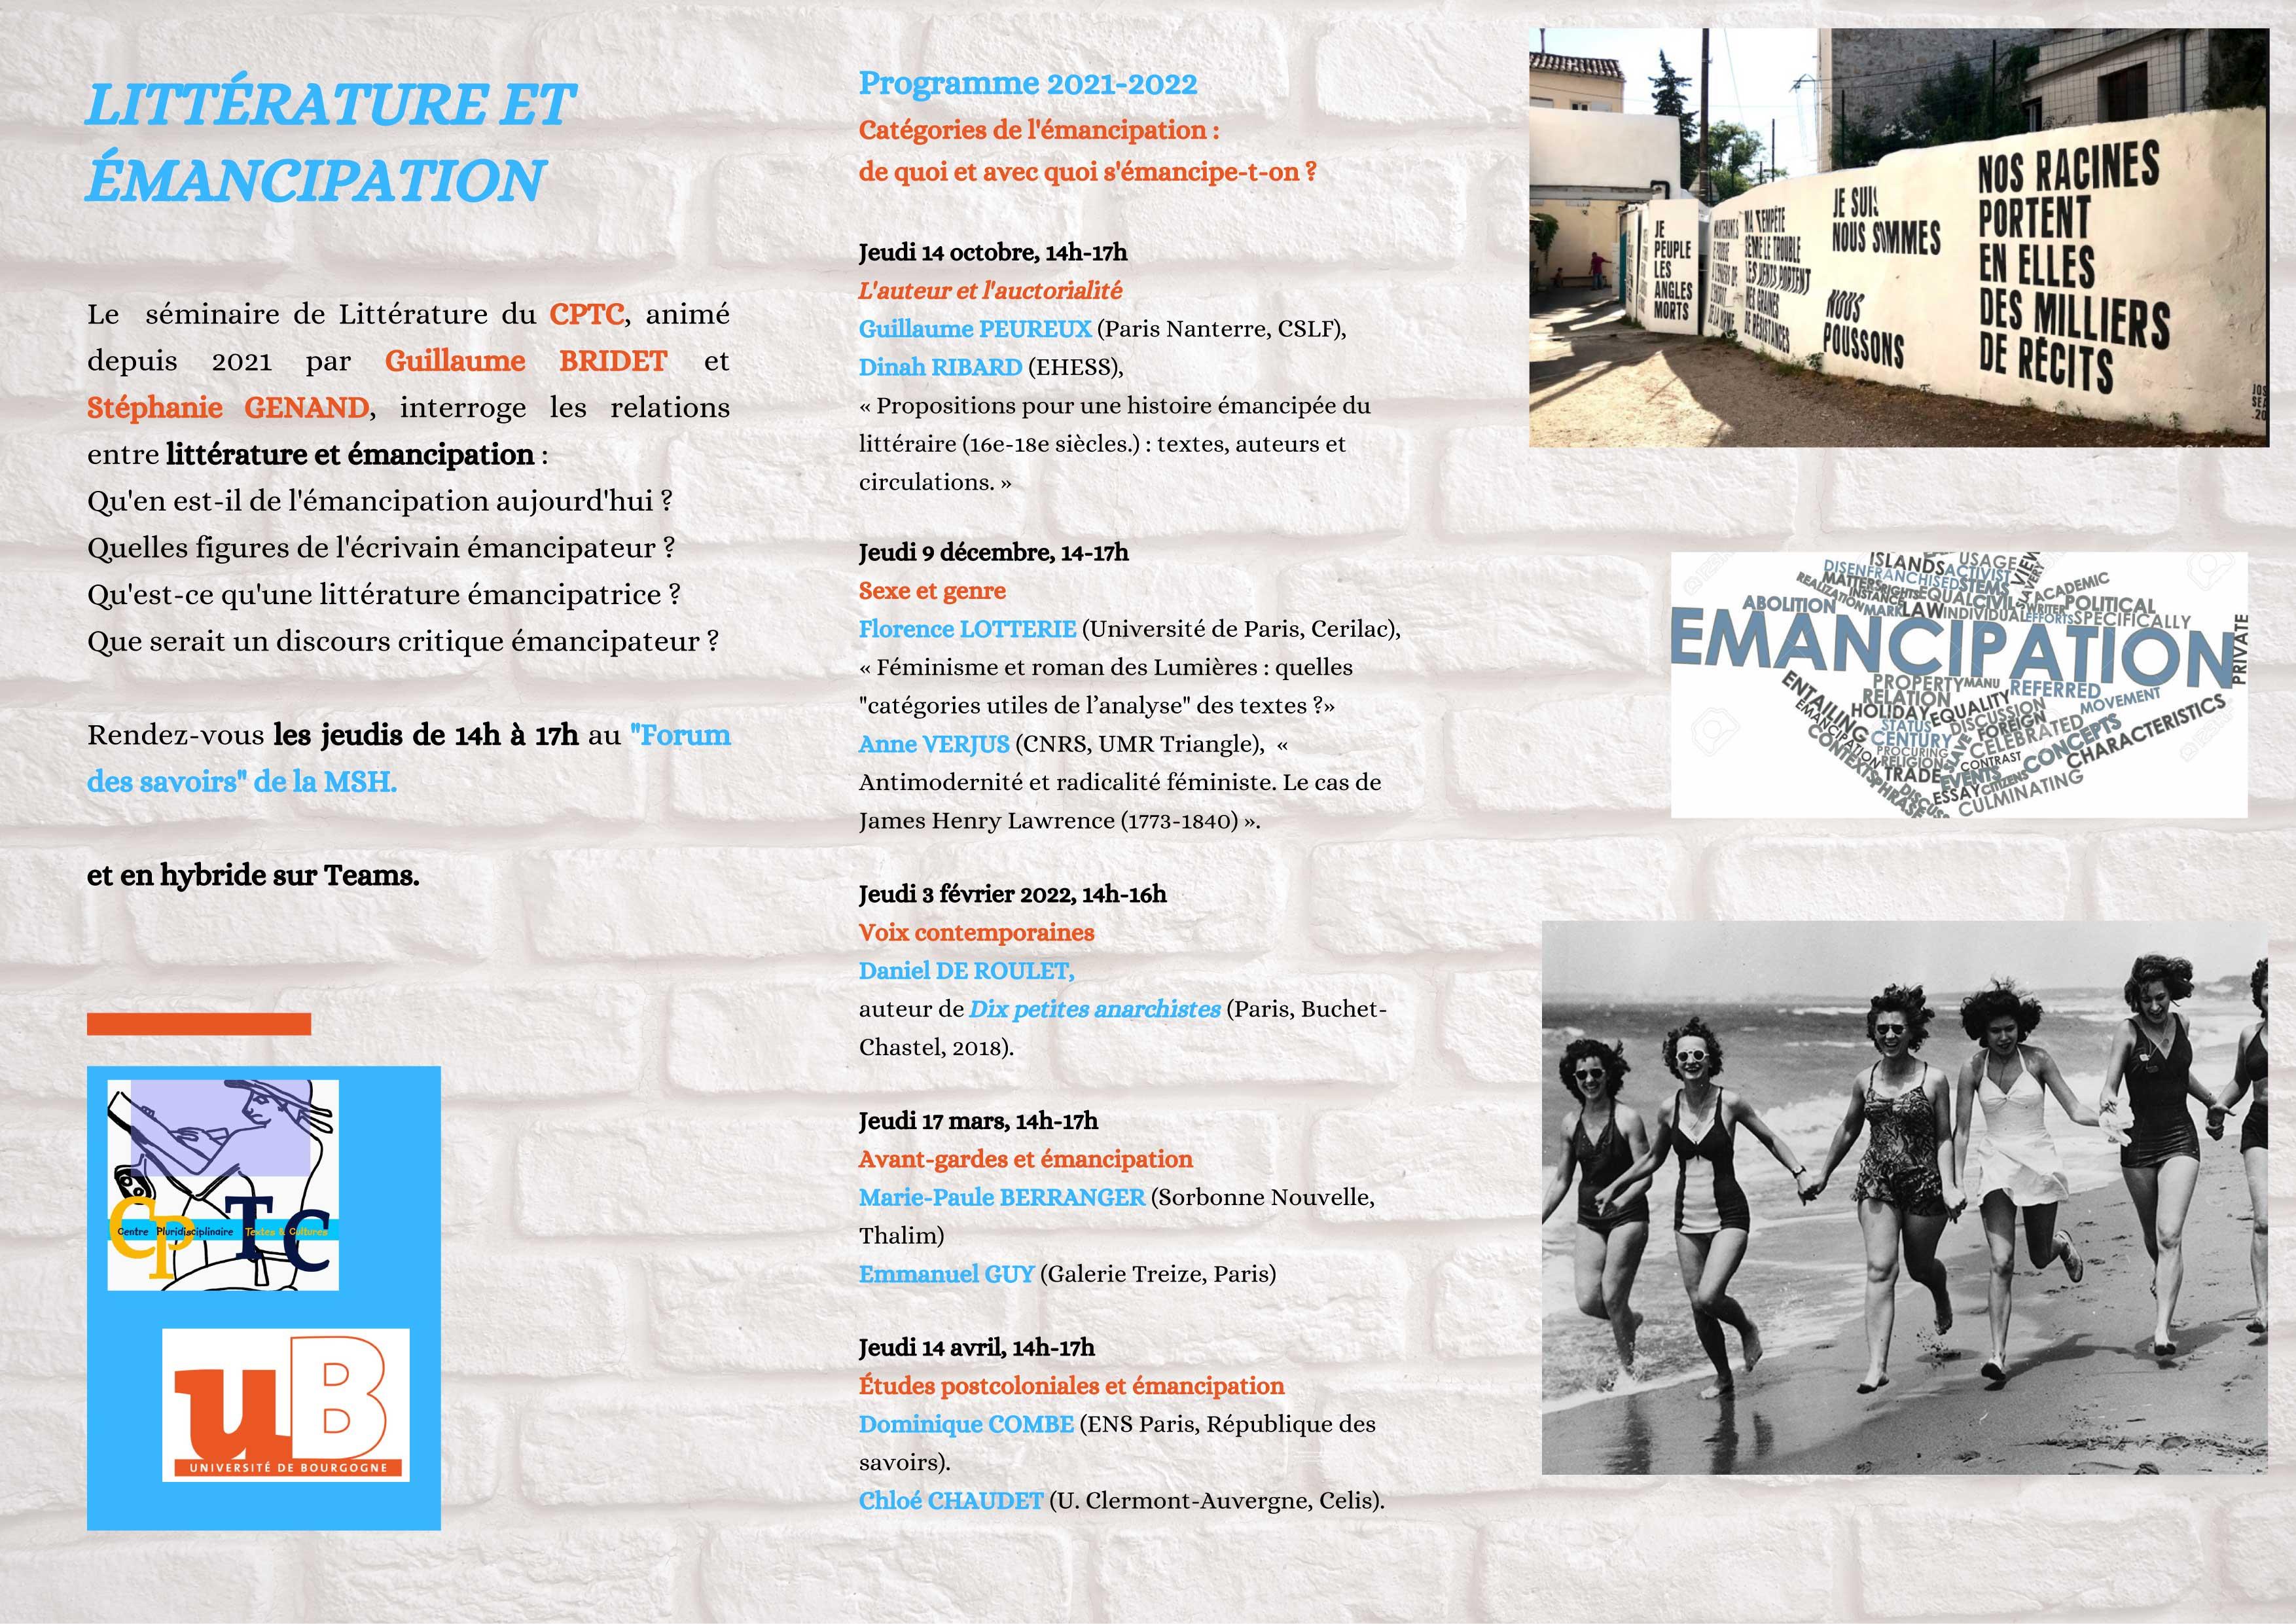 litterature et emancipationFlyer 2022